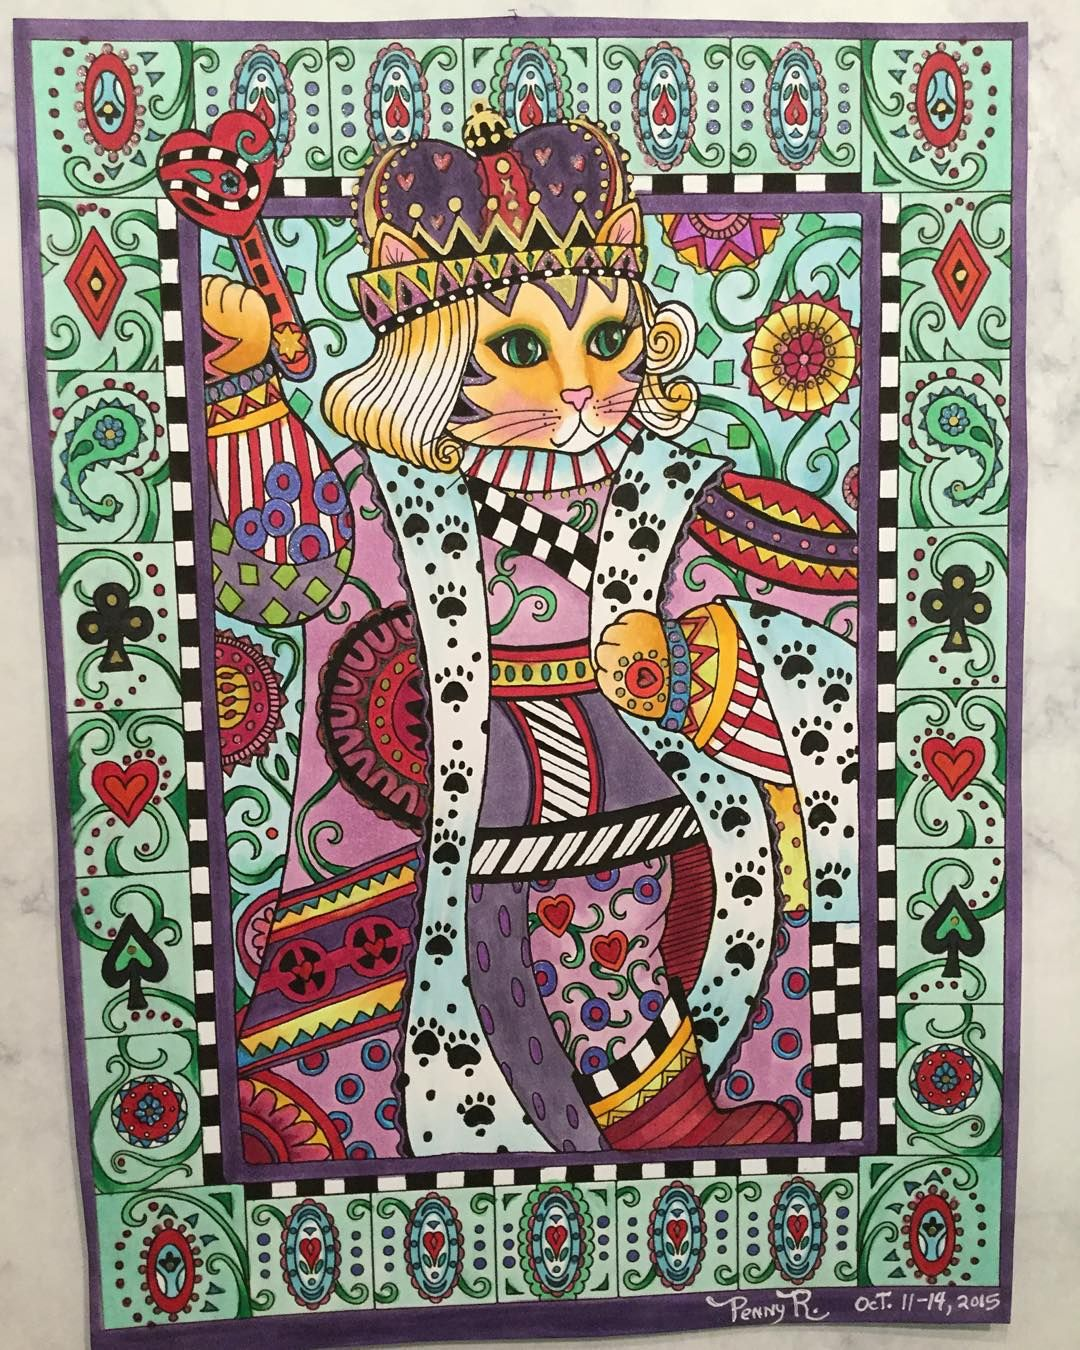 Creative cats creative haven marjorie sarnat marjorie sarnat